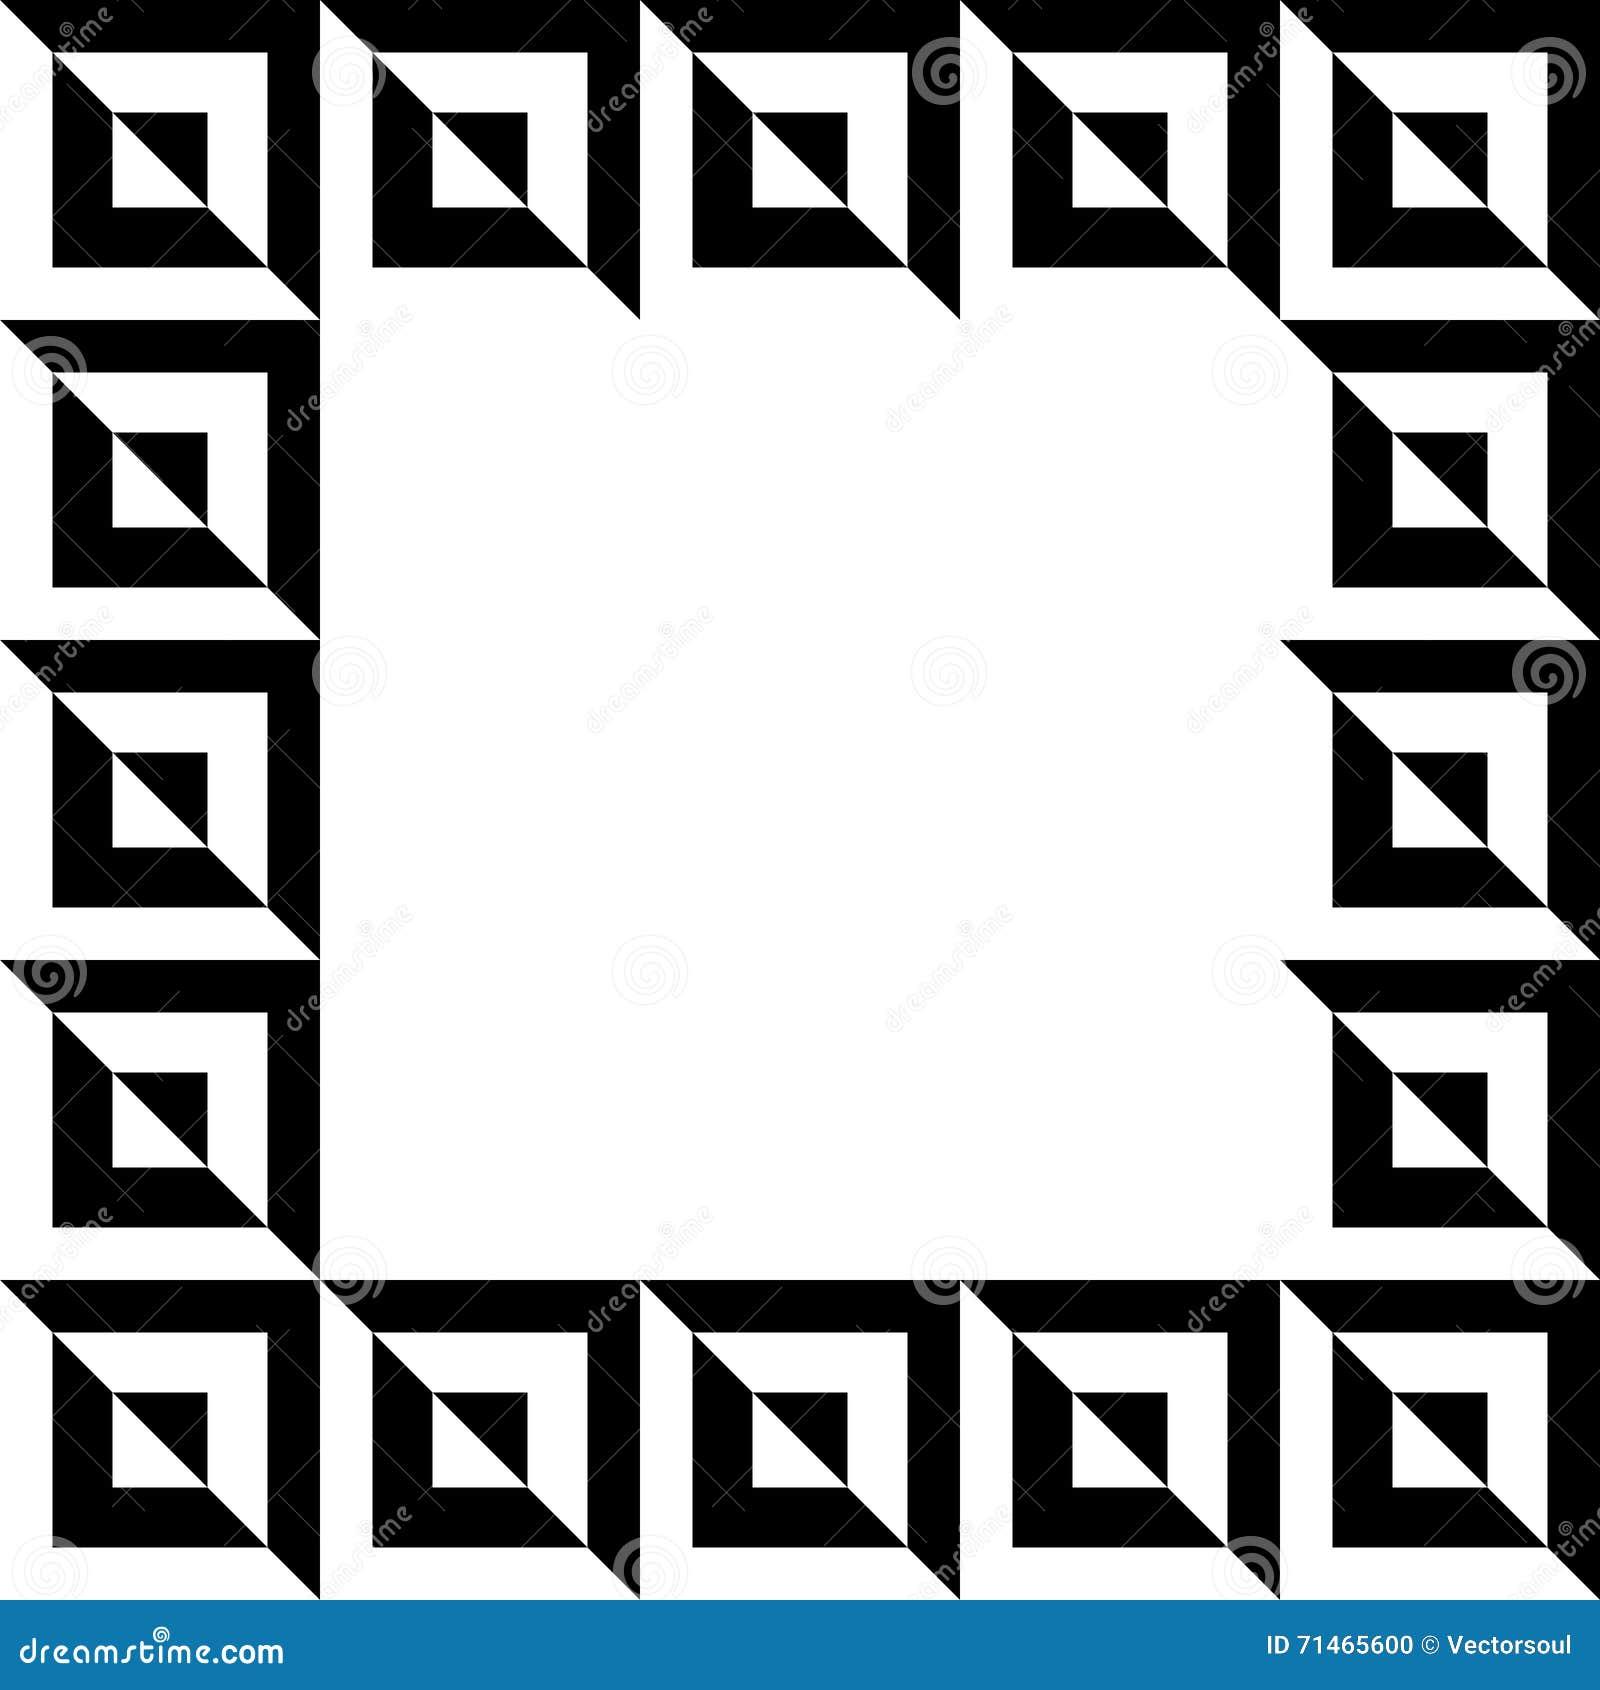 几何图片,照片框架以似方形的格式